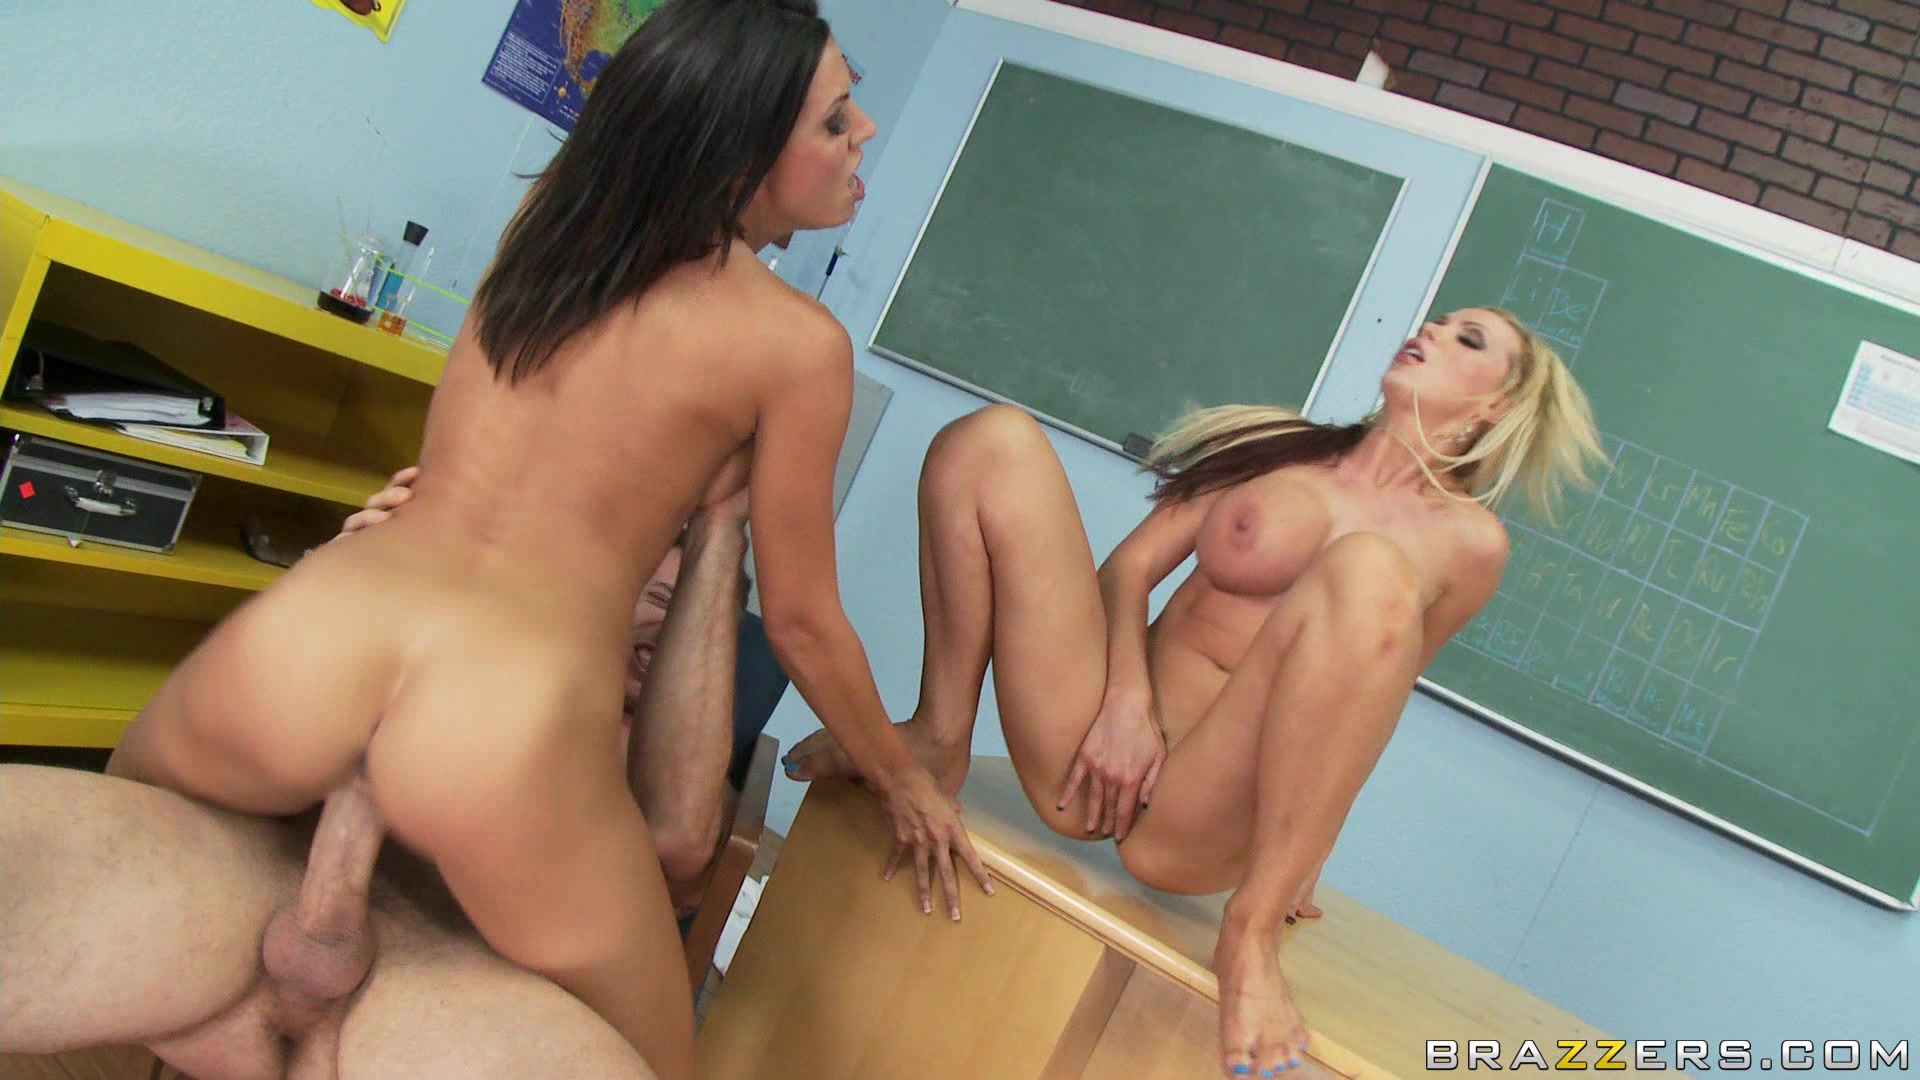 Big tits at school 11